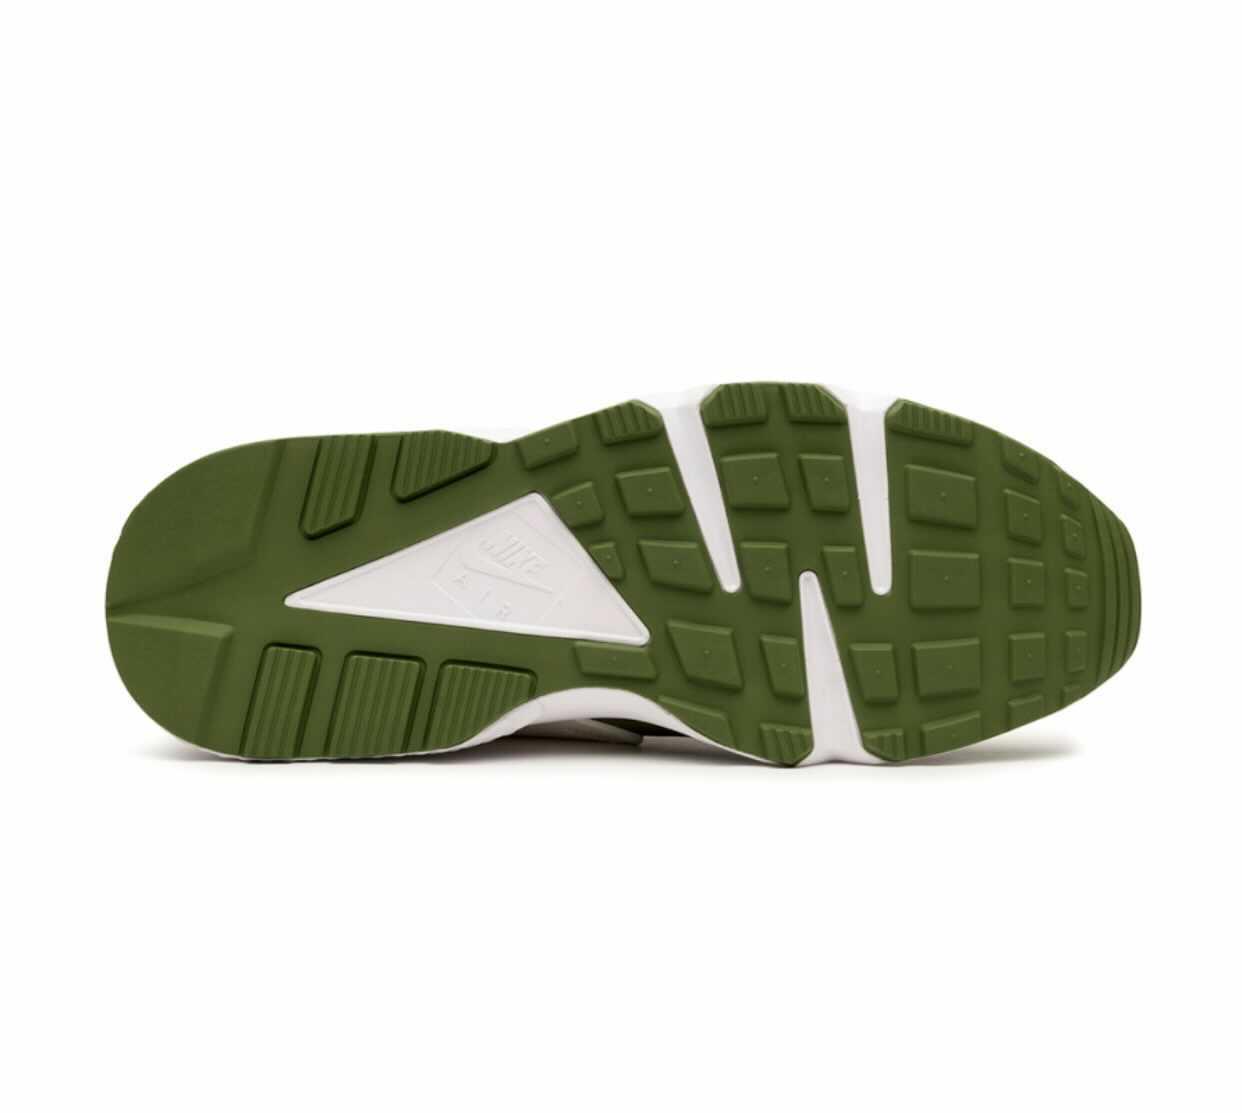 Stussy × Nike Air Huarache Olive ステューシー × ナイキ エア ハラチ オリーブ DARK OLIVE/VARSITY MAIZE-WHITE-PALE IVORY Code: DD1381-200